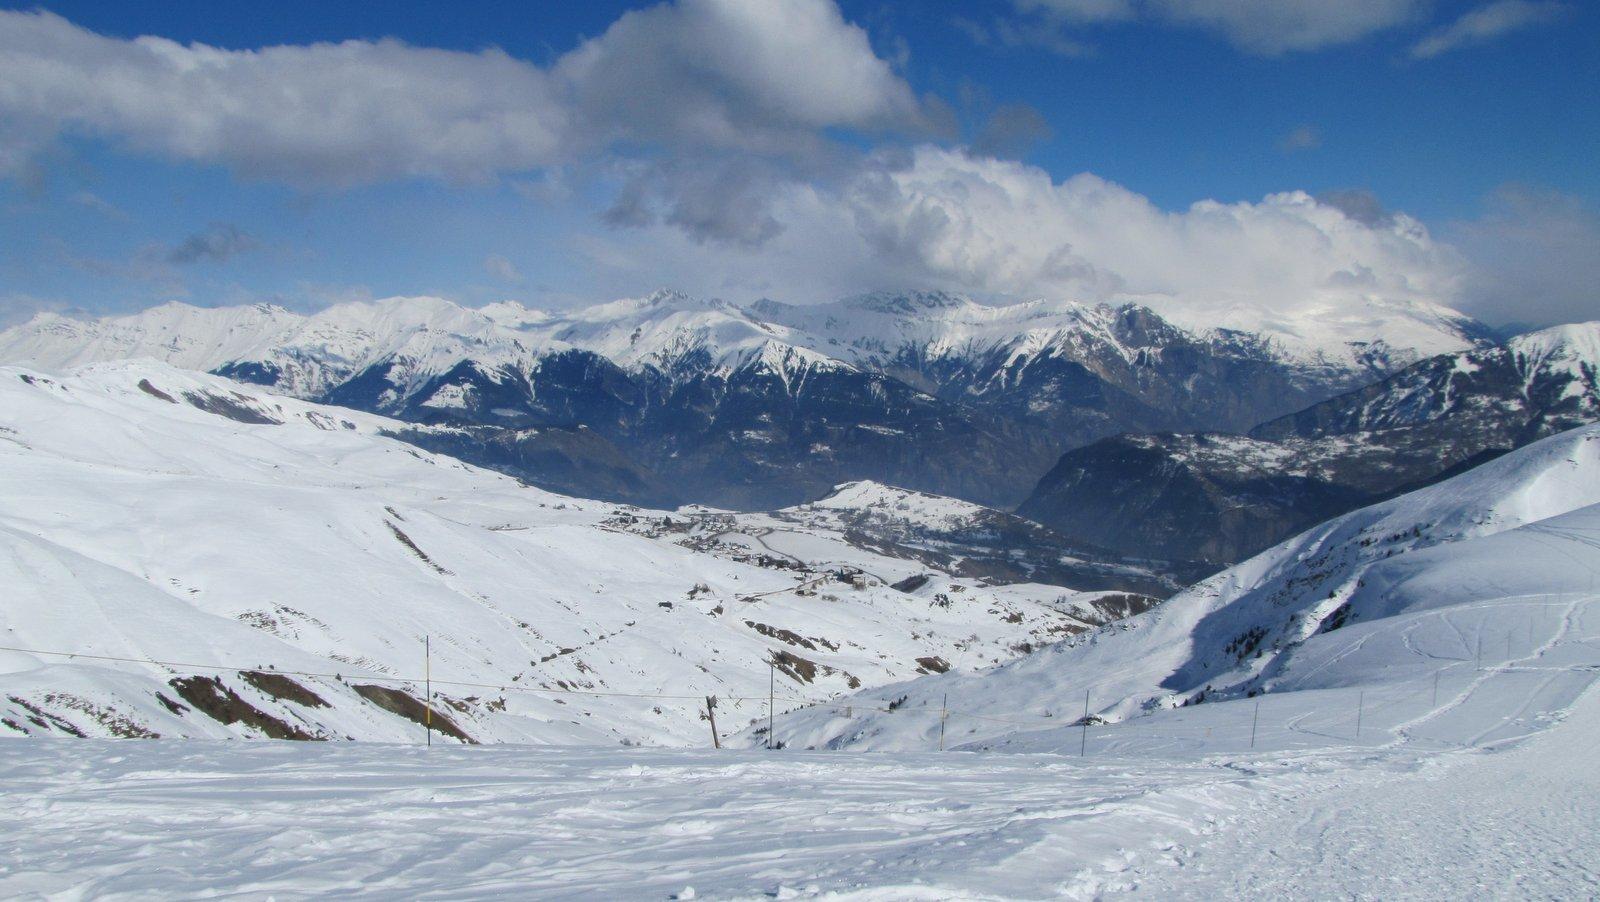 La Toussiure : j'adore les pistes de ski de cette station